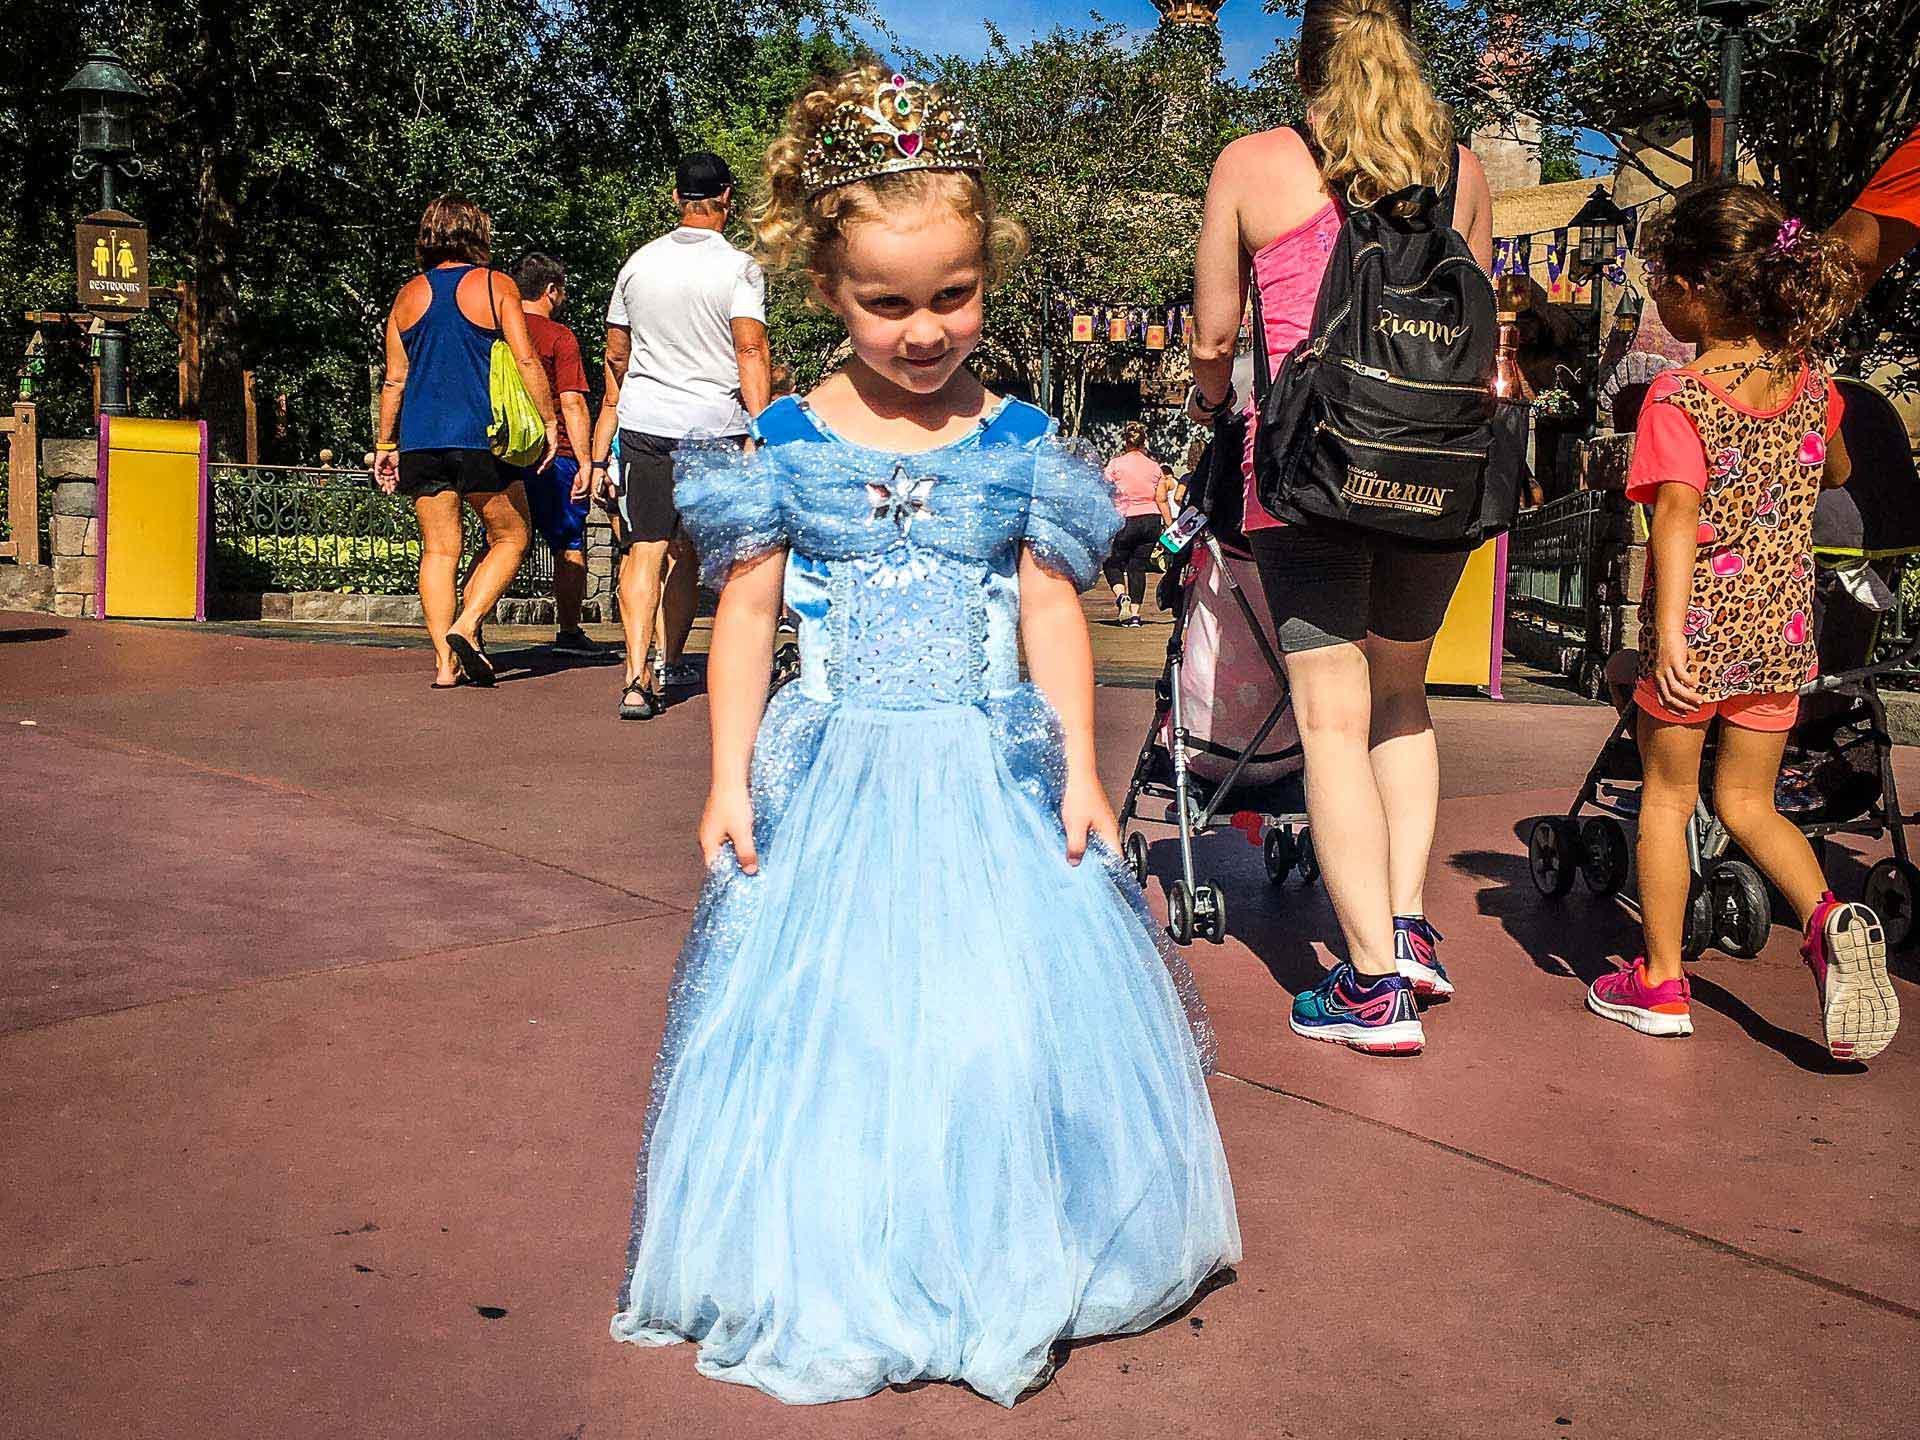 Every little girl needs a princess dress